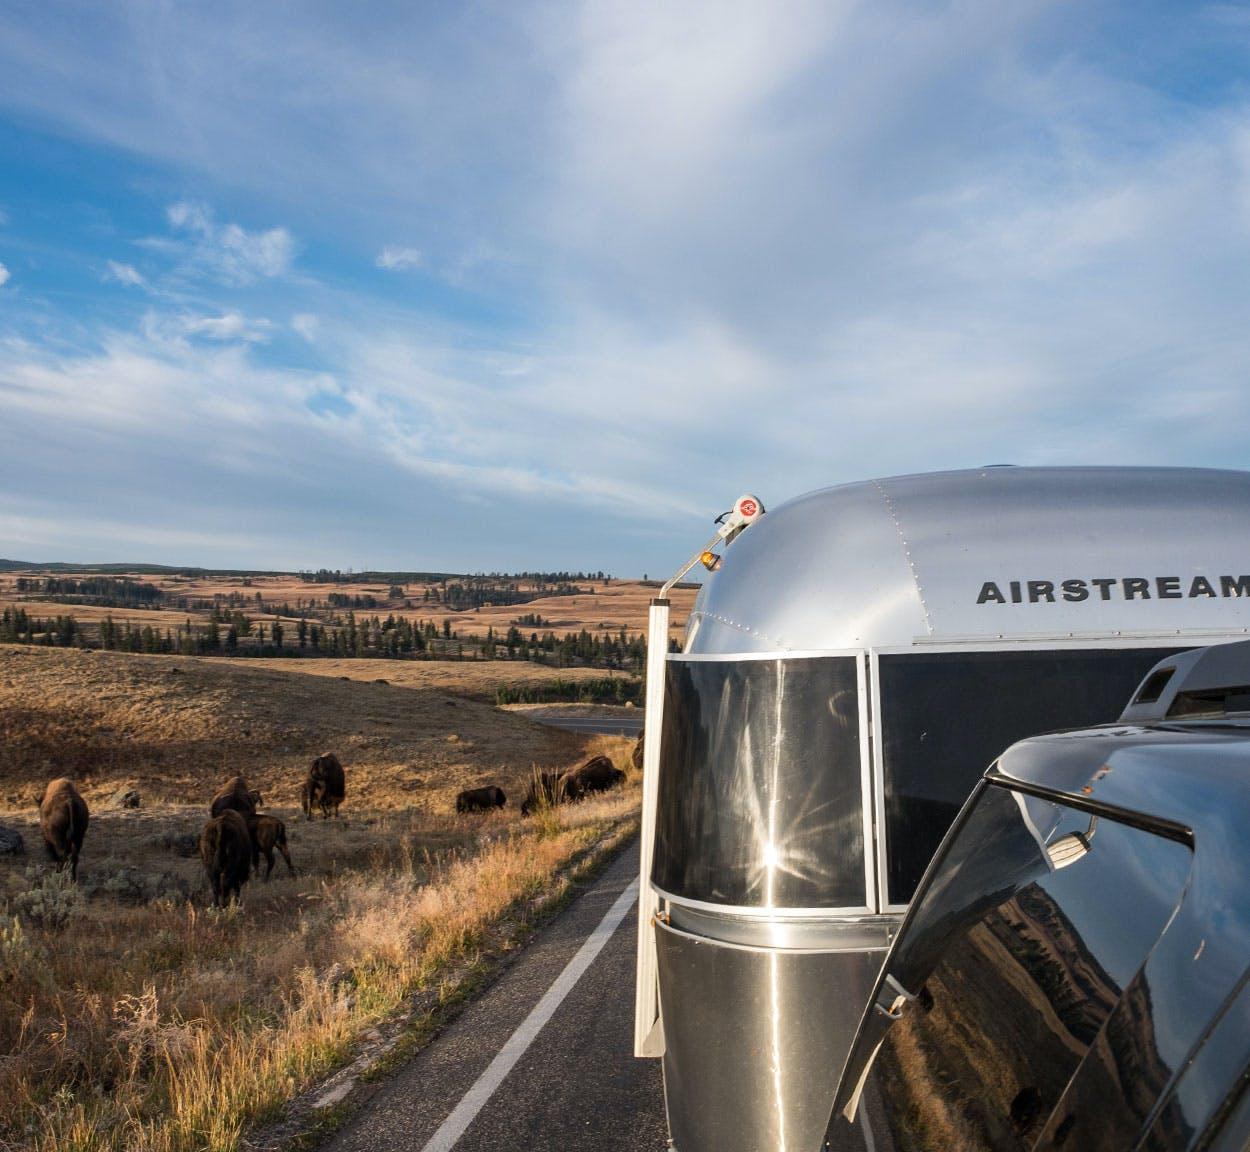 Airstream Yellowstone National Park